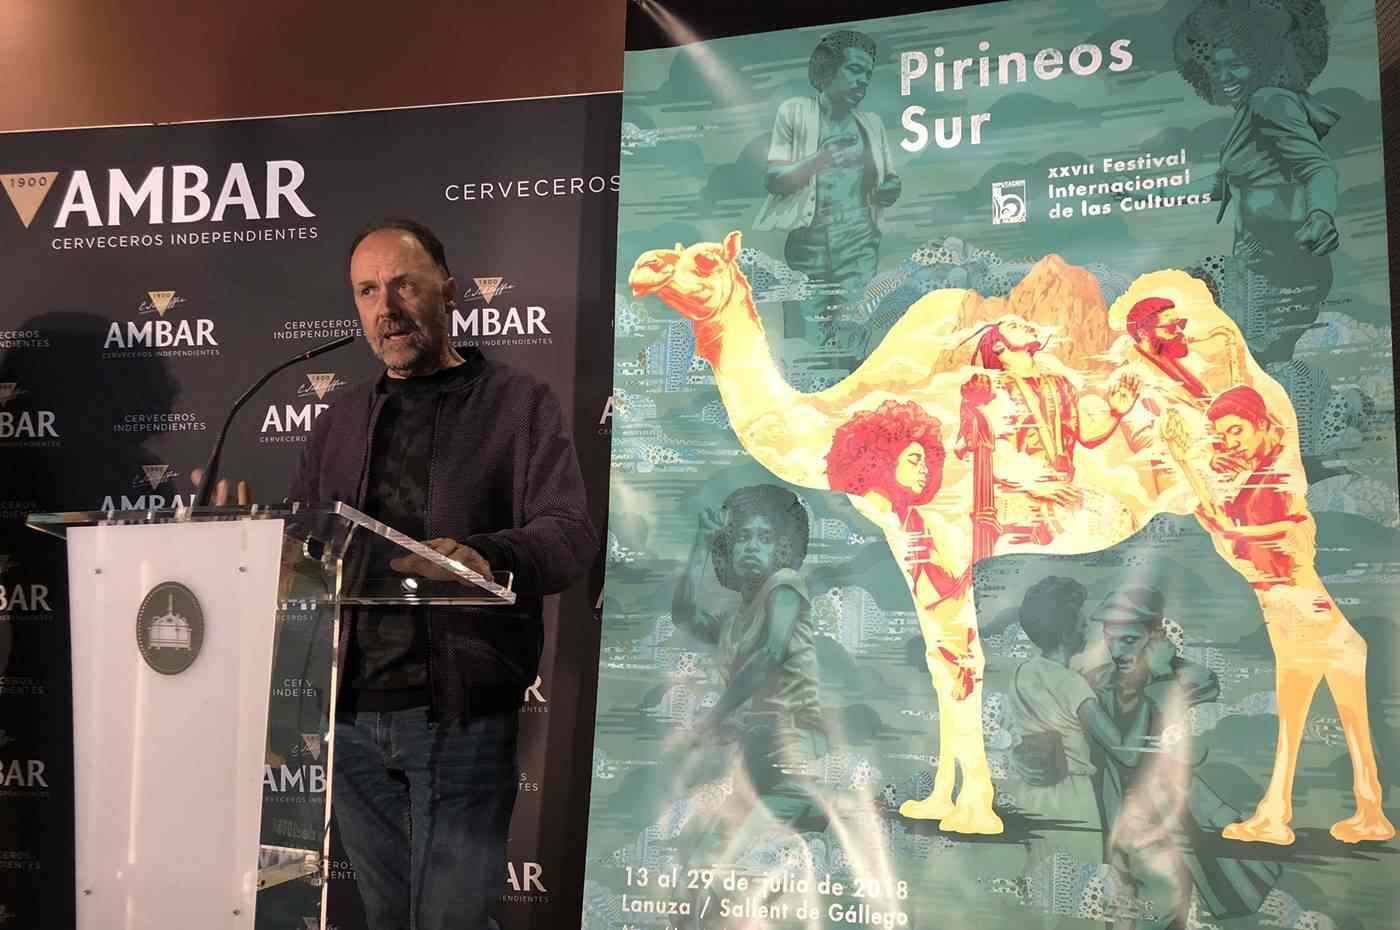 Presentado el cartel más internacional de Pirineos Sur